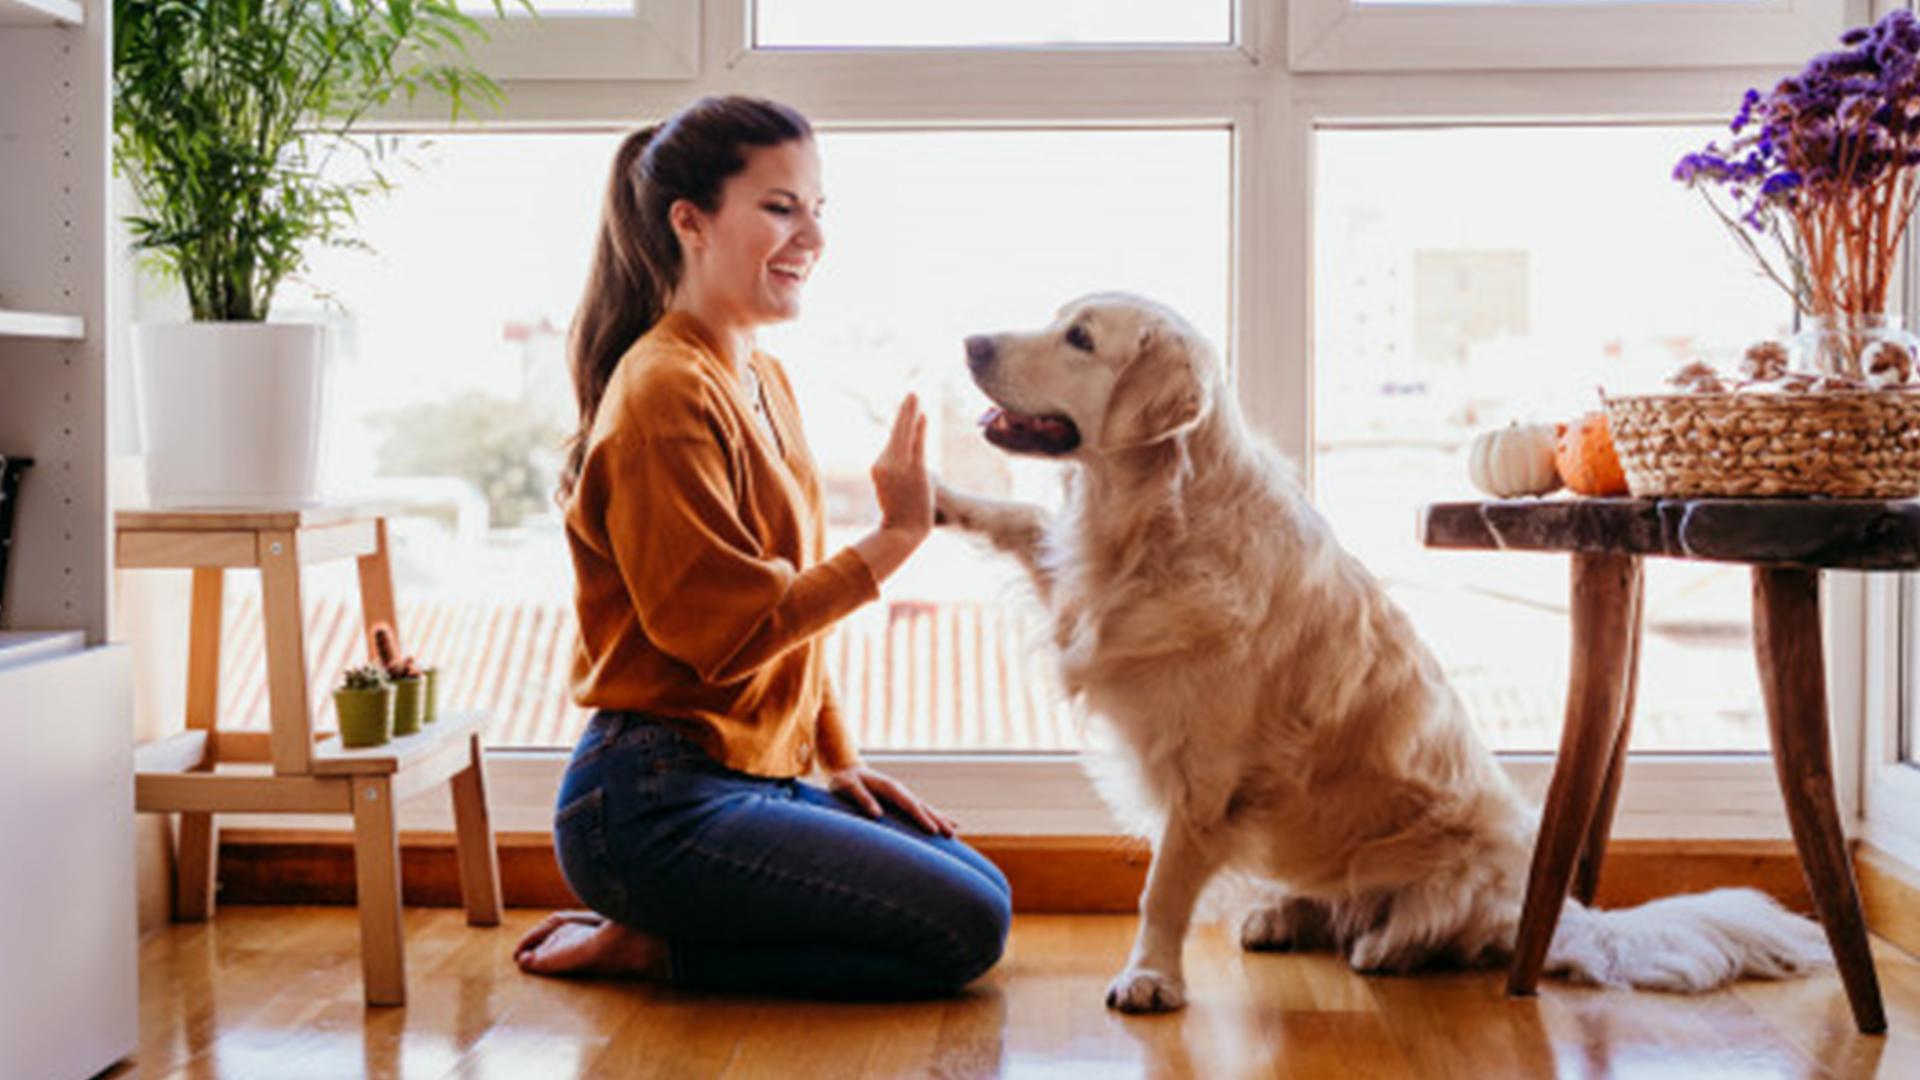 mi mejor amigo el perro - noticiero de venezuela